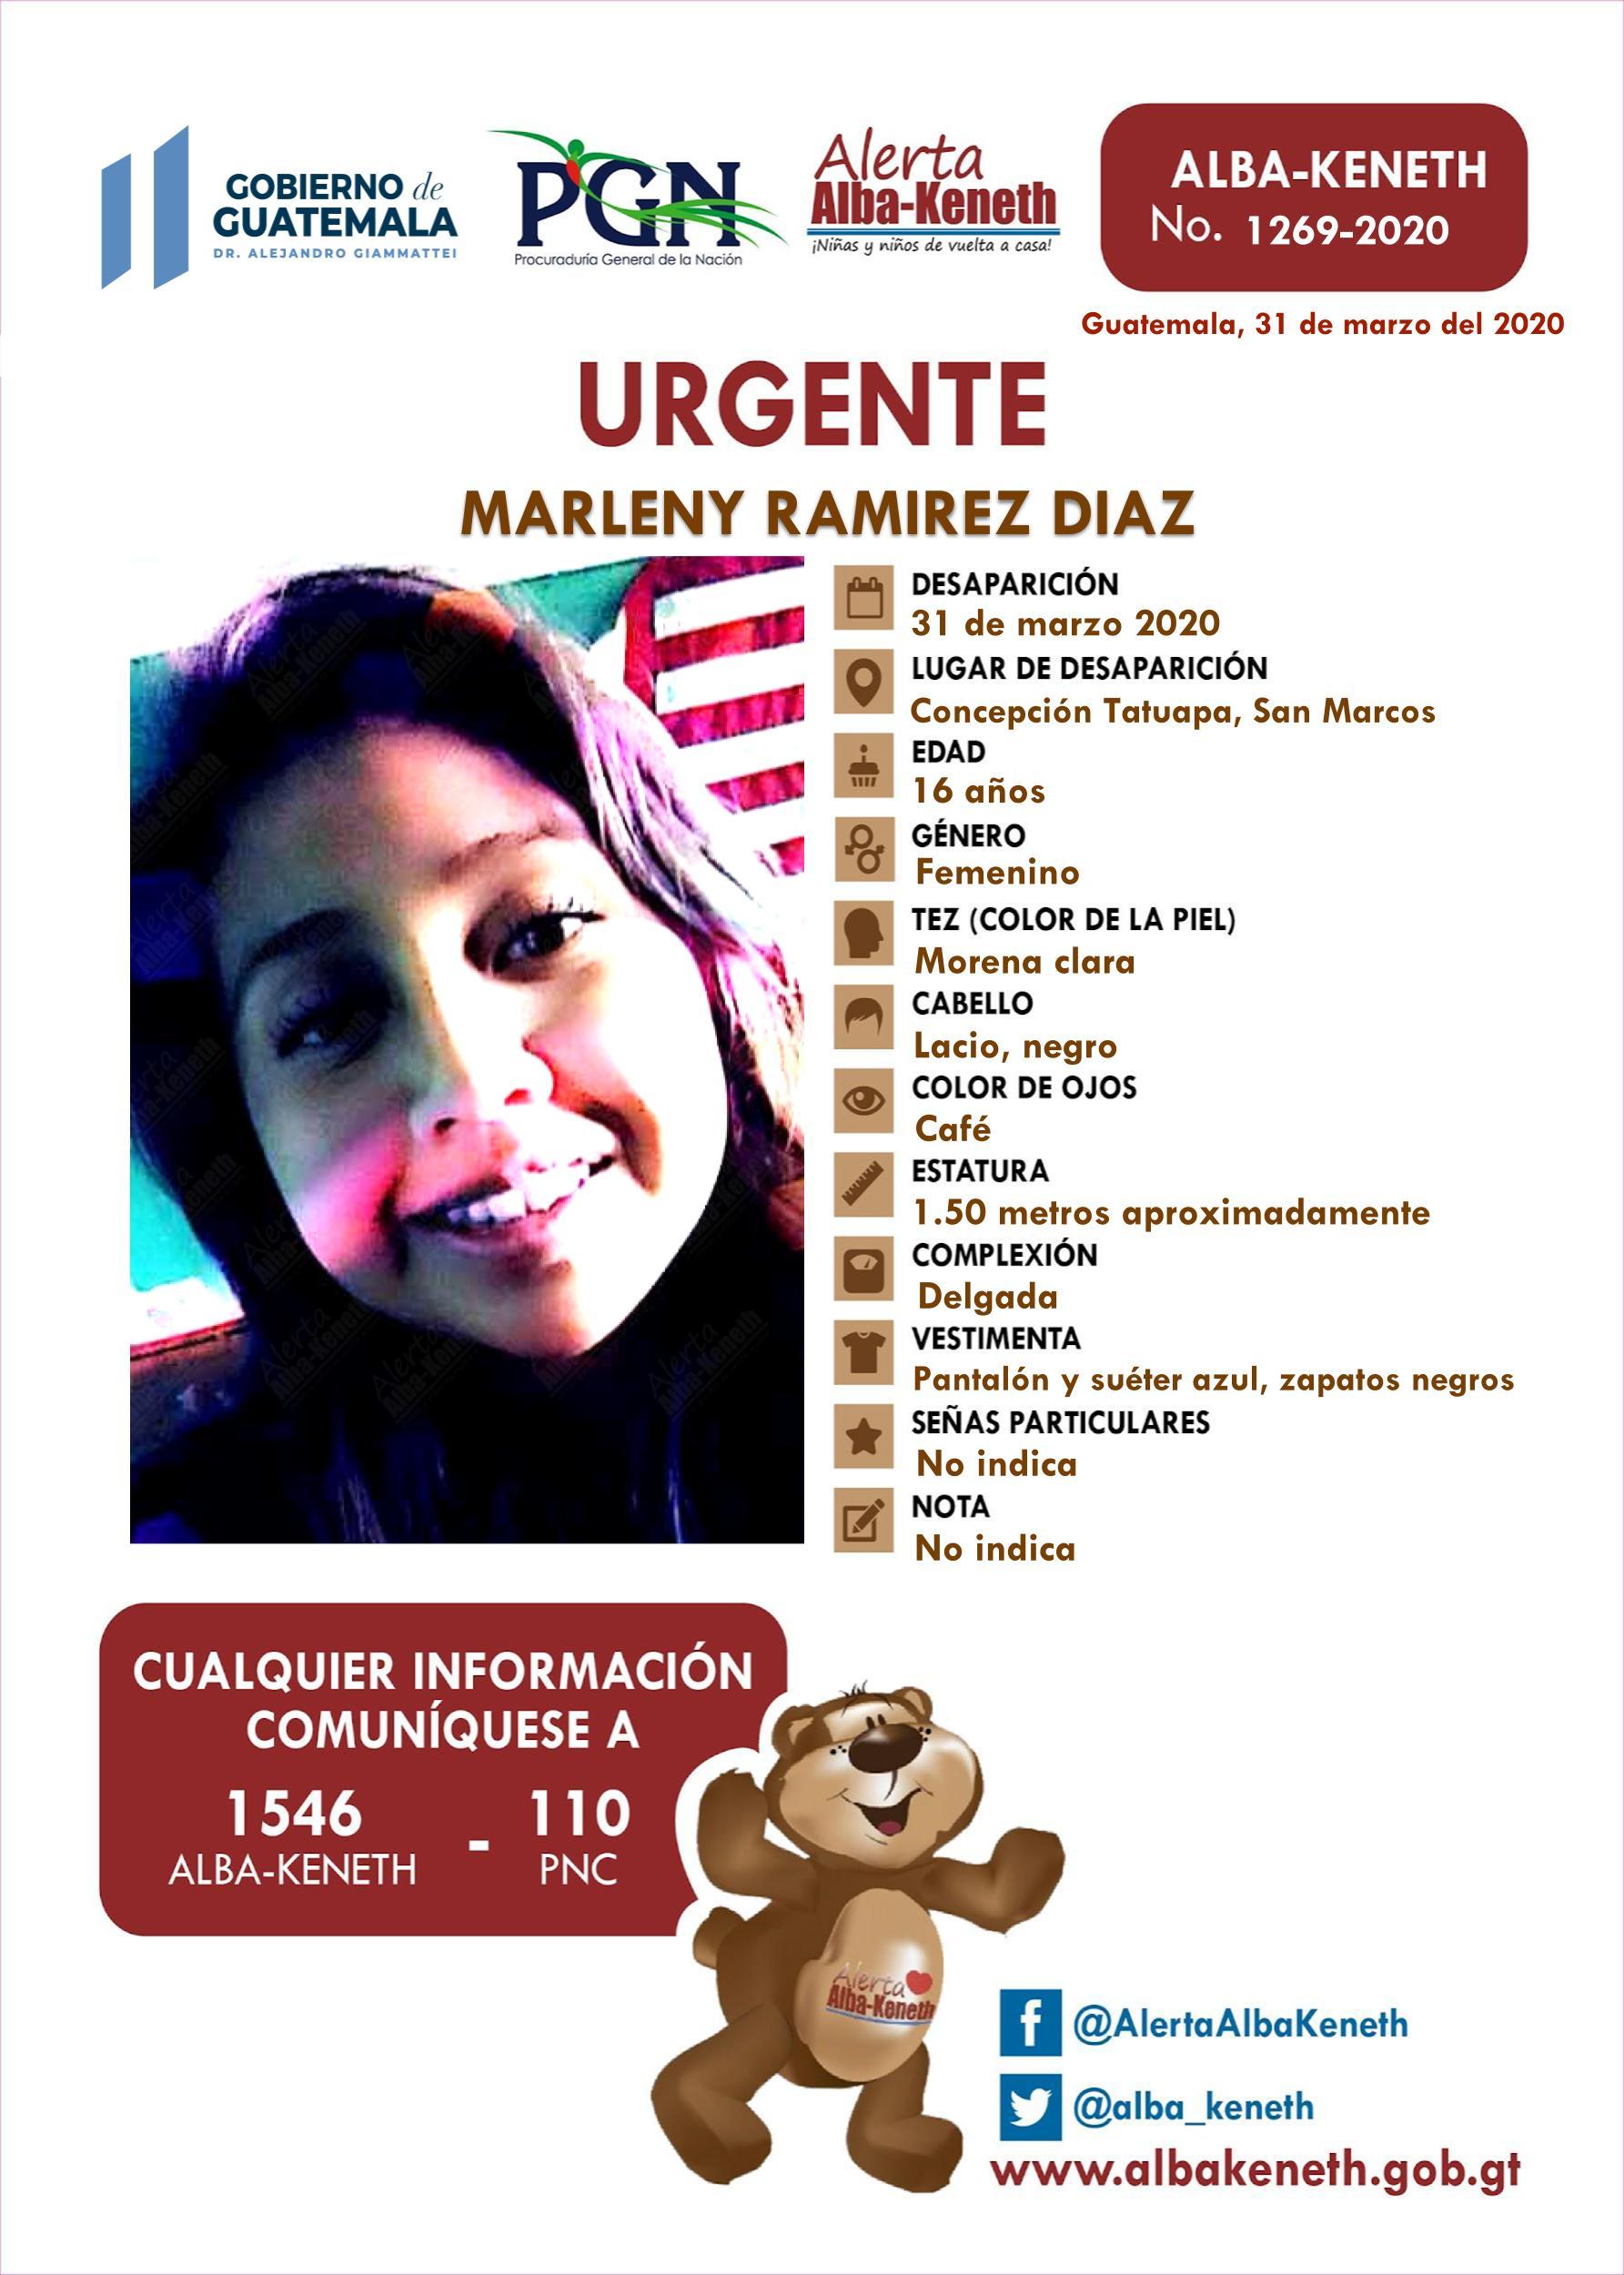 Marleny Ramirez Diaz